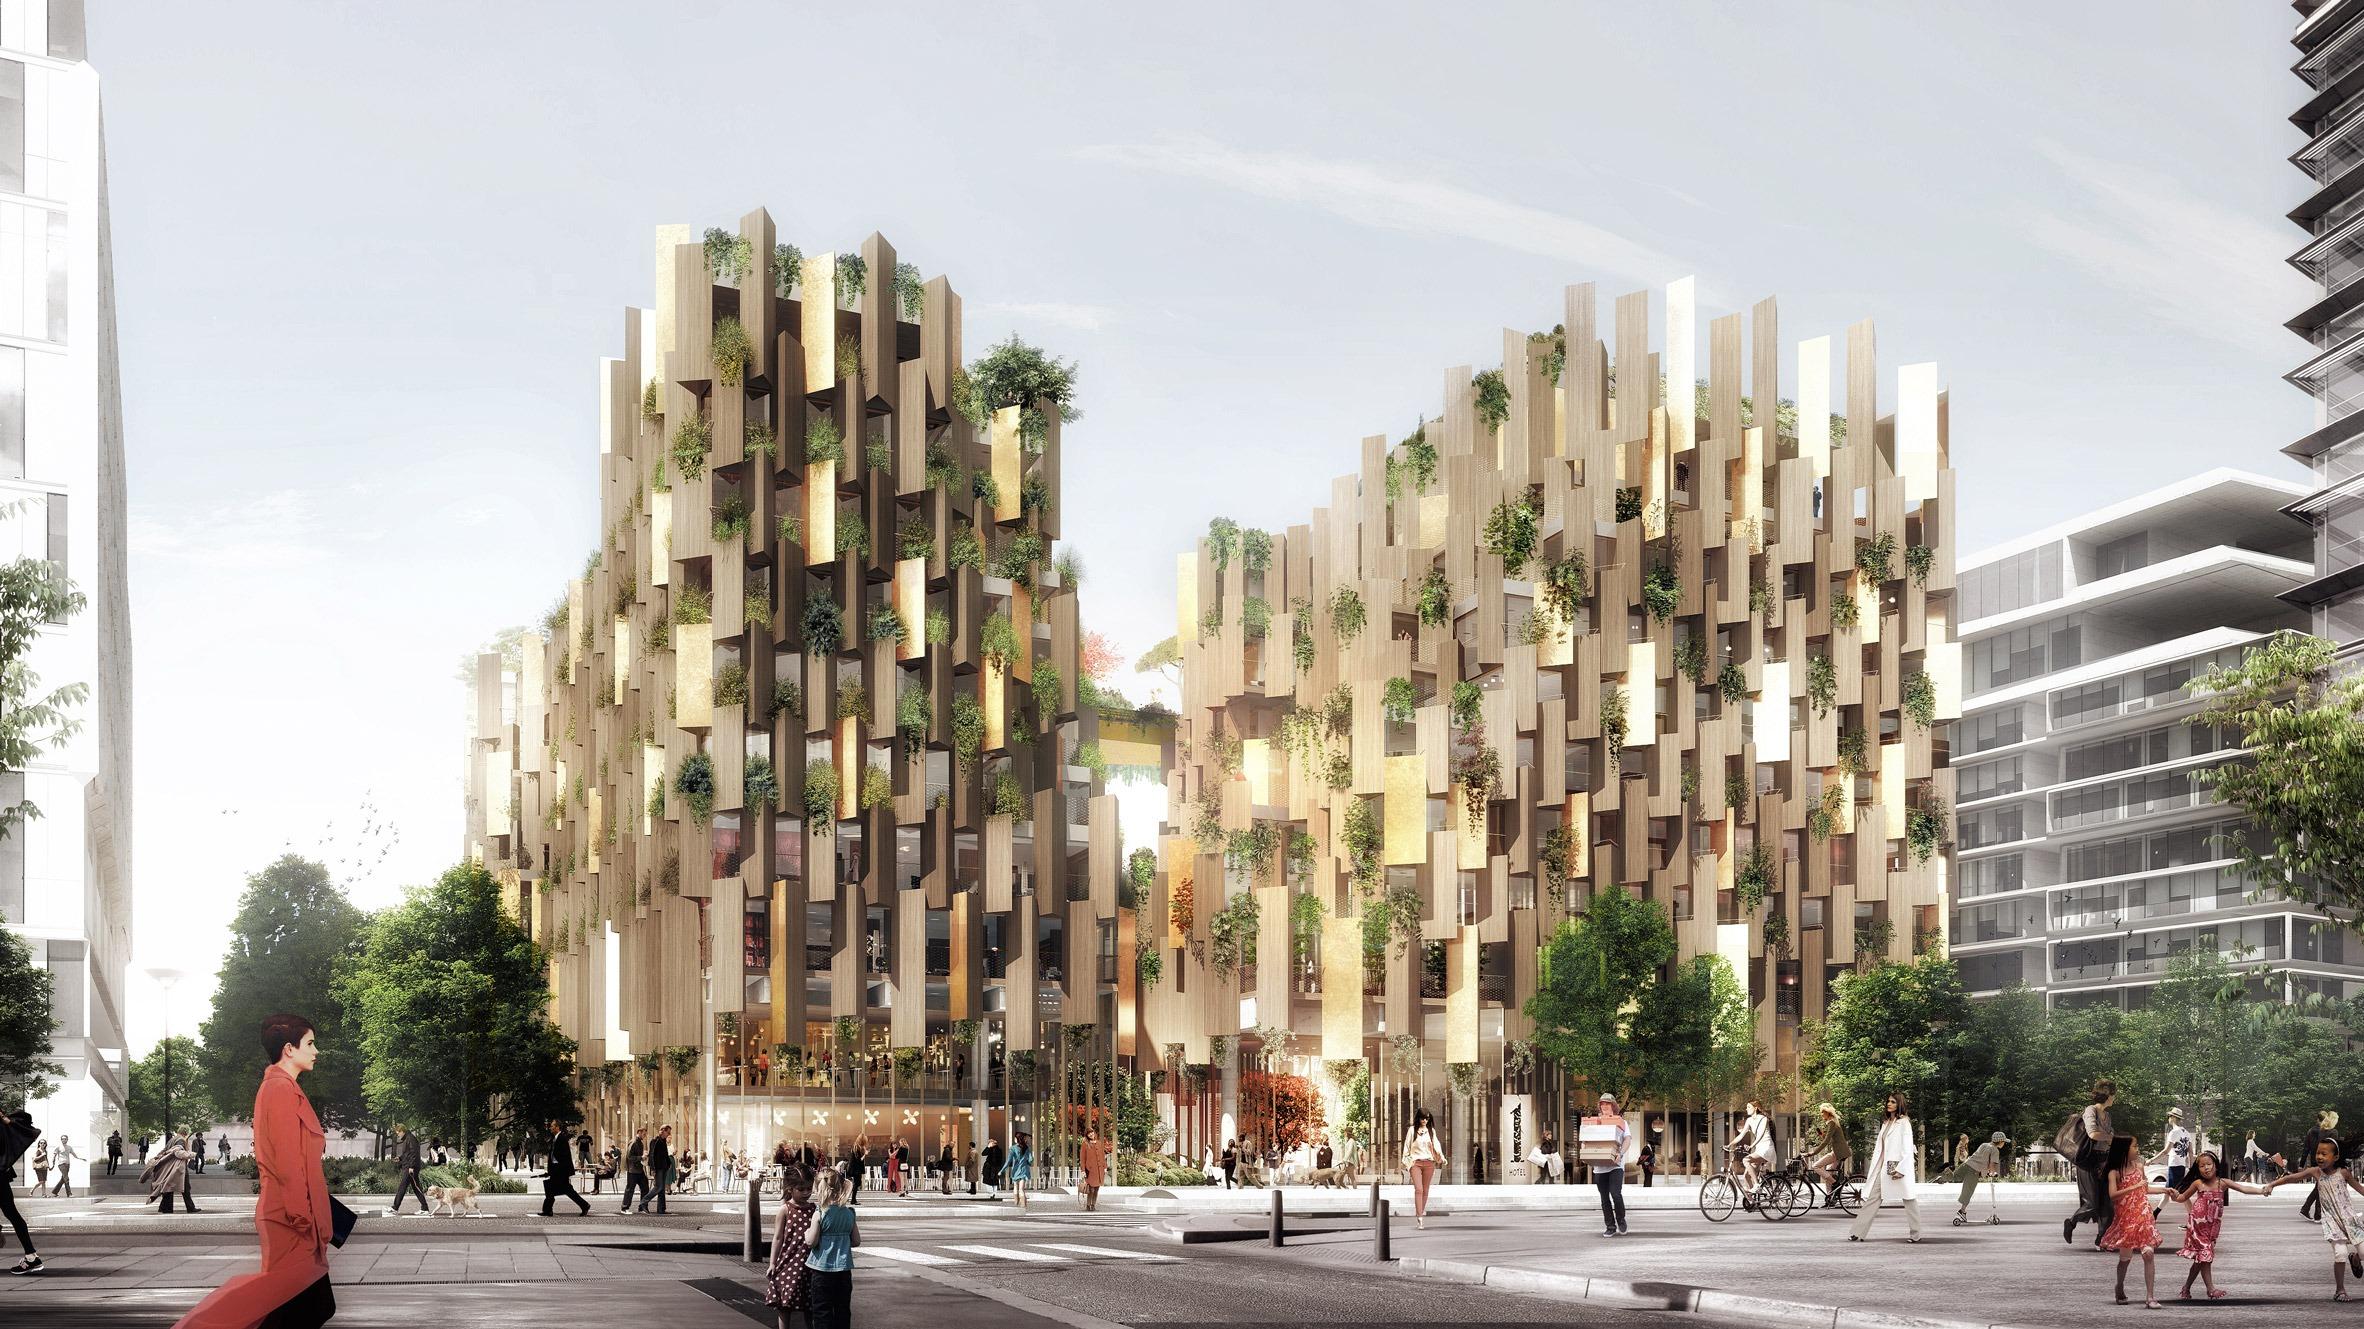 1-hotel-paris-kengo-kuma-associates-france-architecture-_dezeen_hero-c